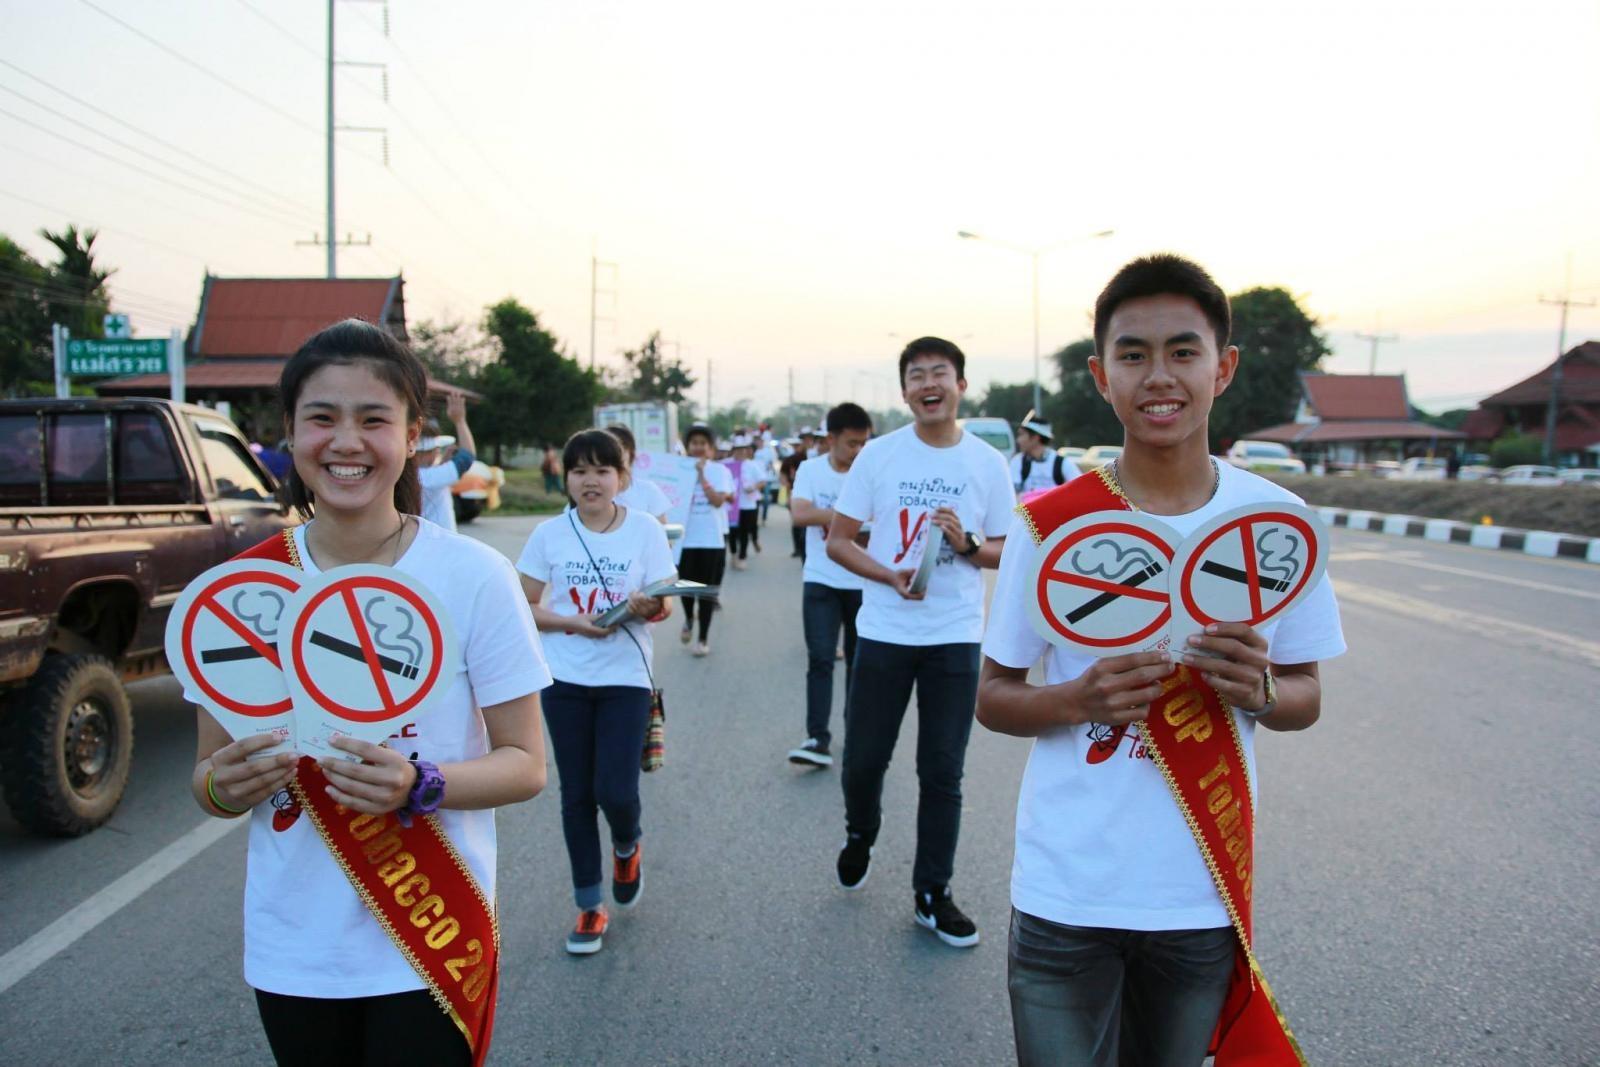 แนะแก้ปัญหาบุหรี่ต้องใช้ชุมชนเป็นฐาน หลังมาตรการภาษีเริ่มถึงจุดอิ่มตัว